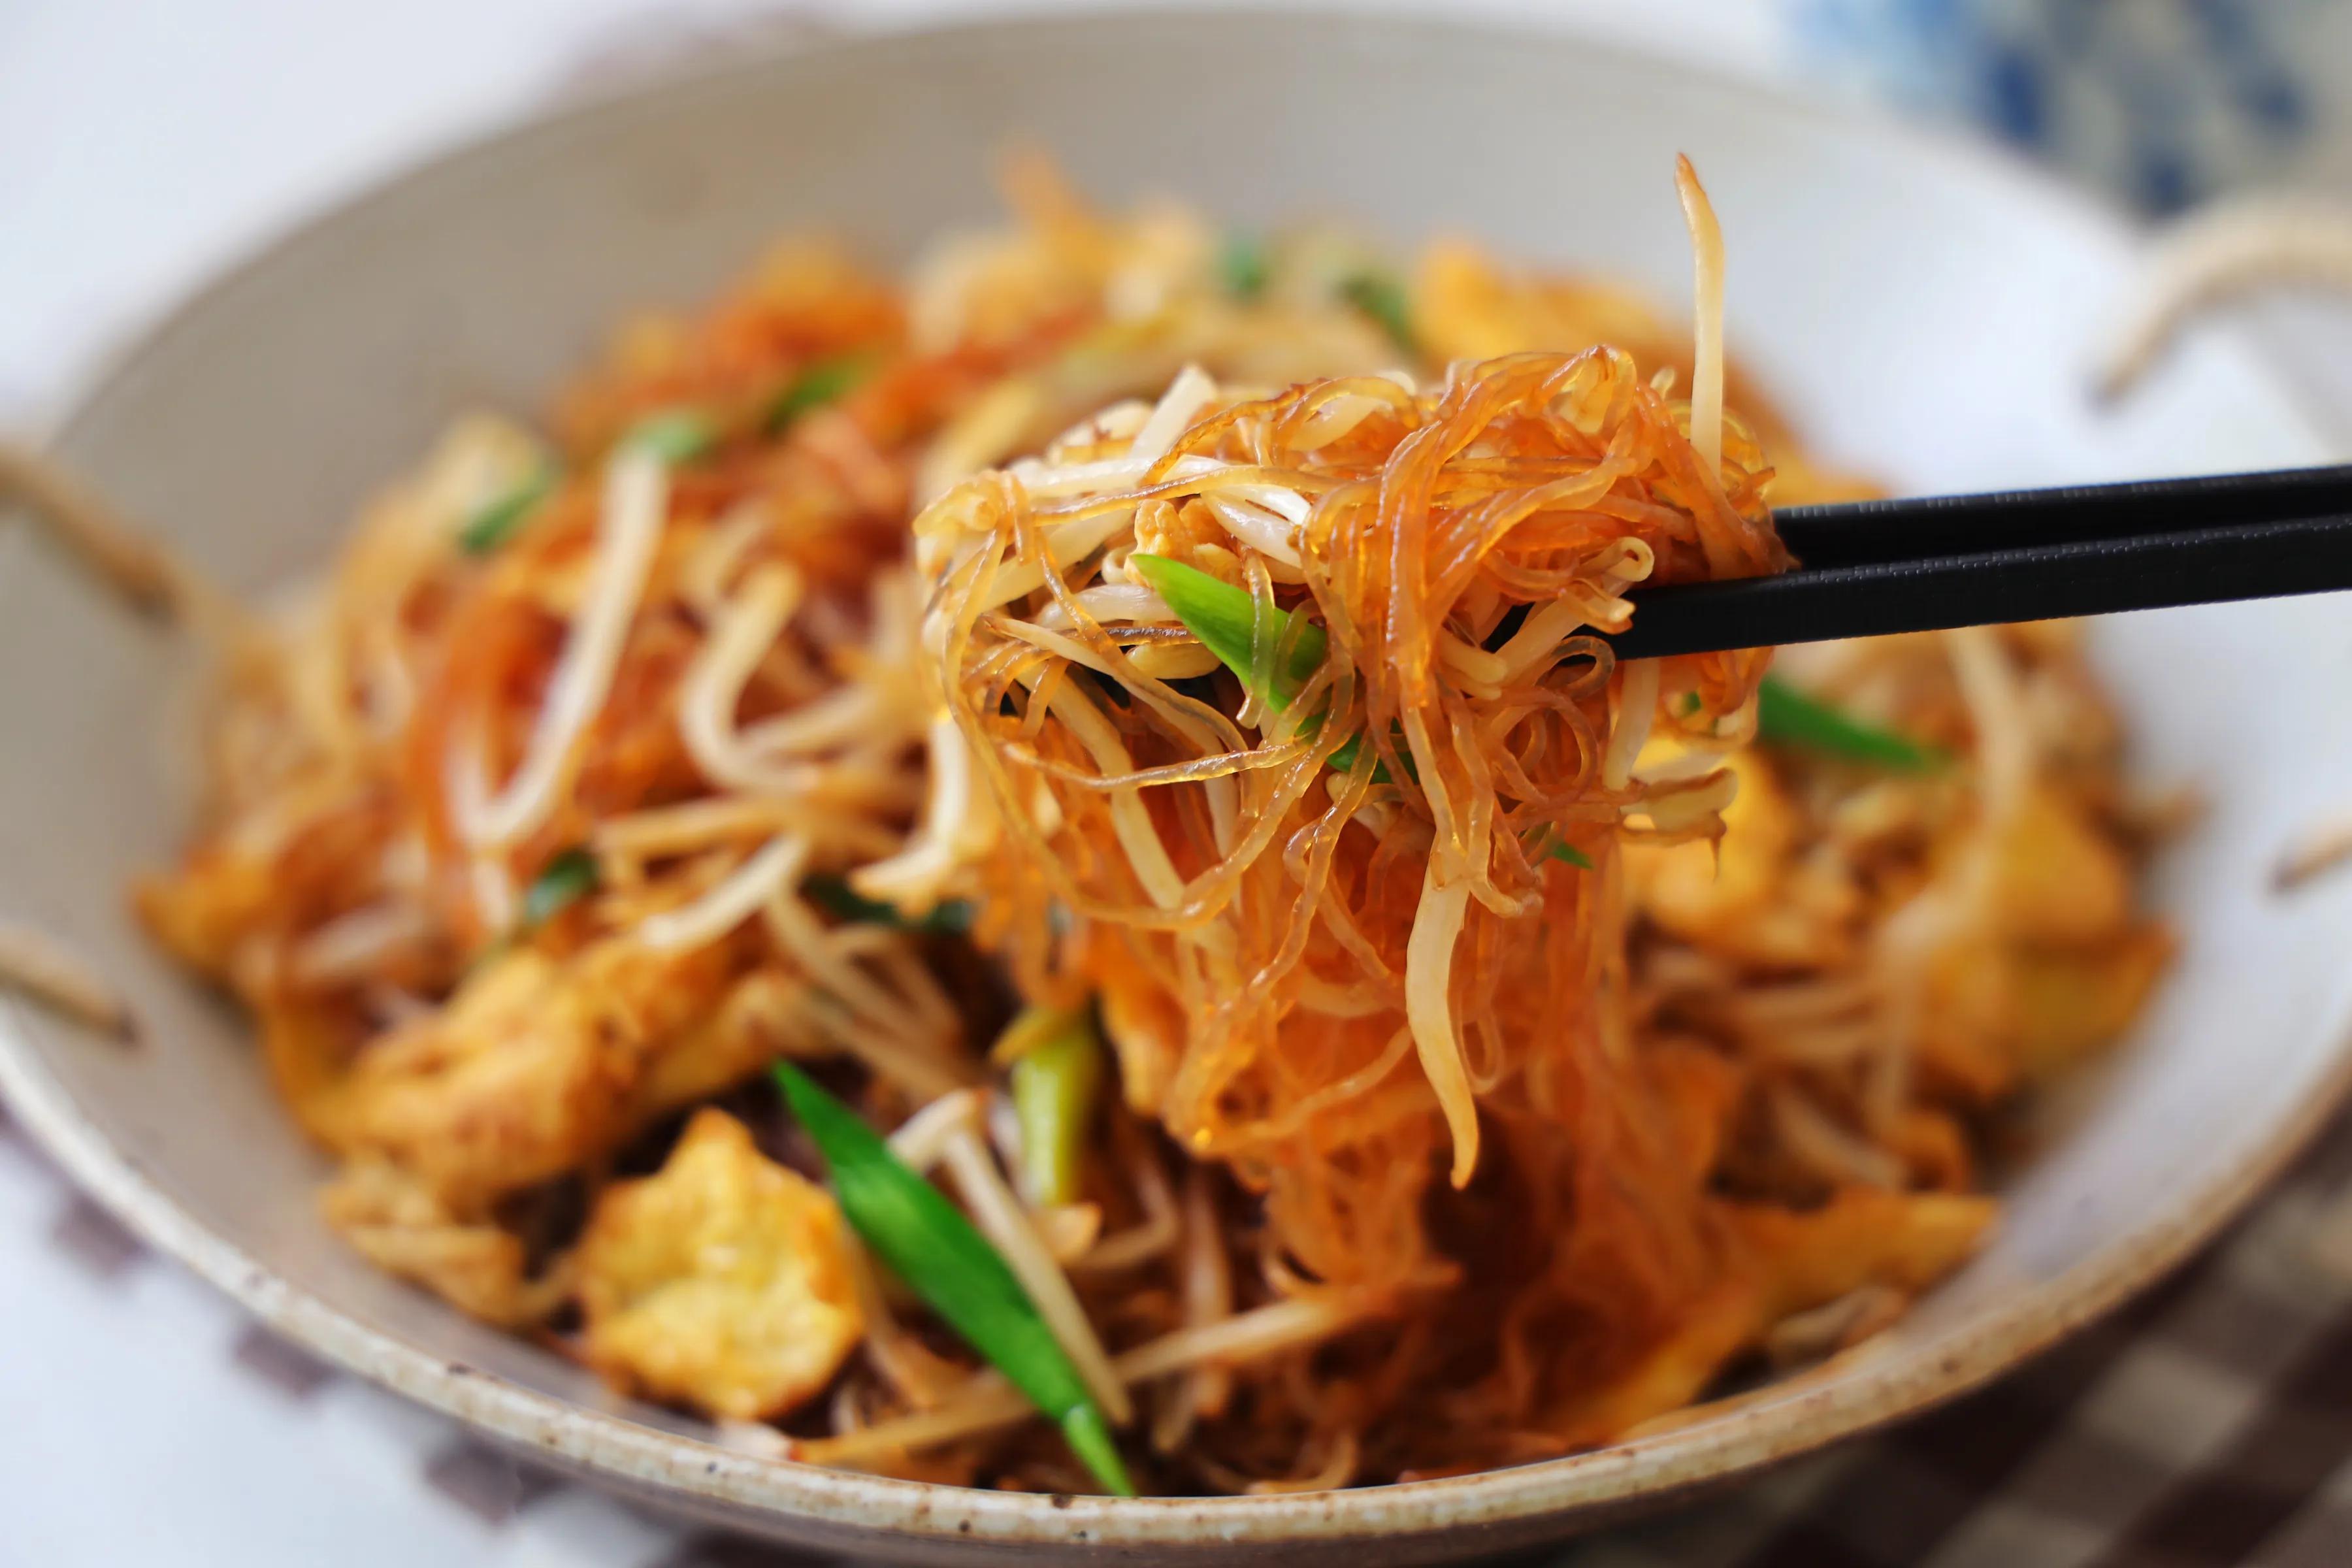 夏天沒有食慾,試試這款家常菜,一口氣可以吃上一碗,做法超簡單